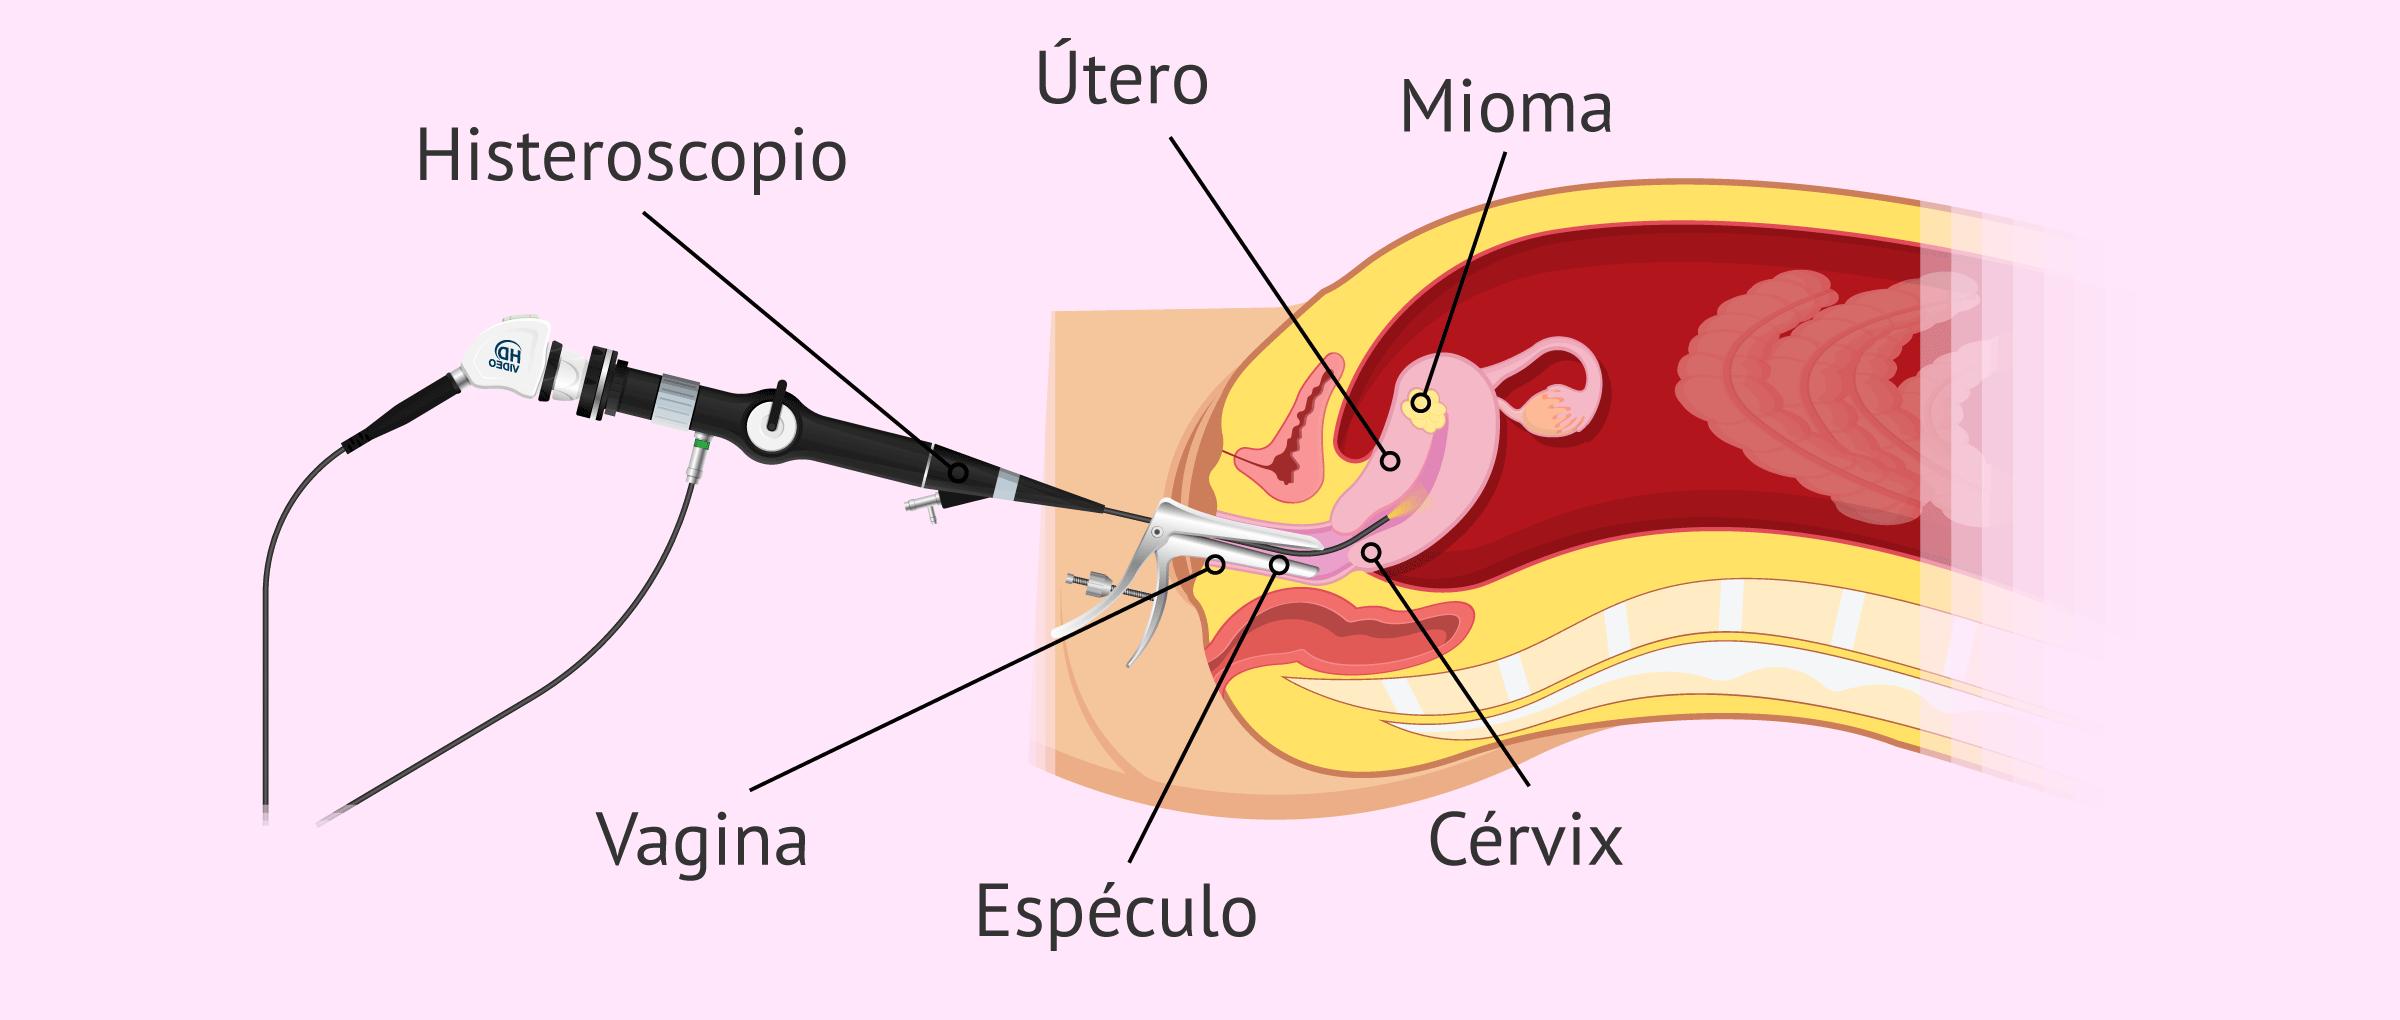 Histeroscopia para extraer un mioma